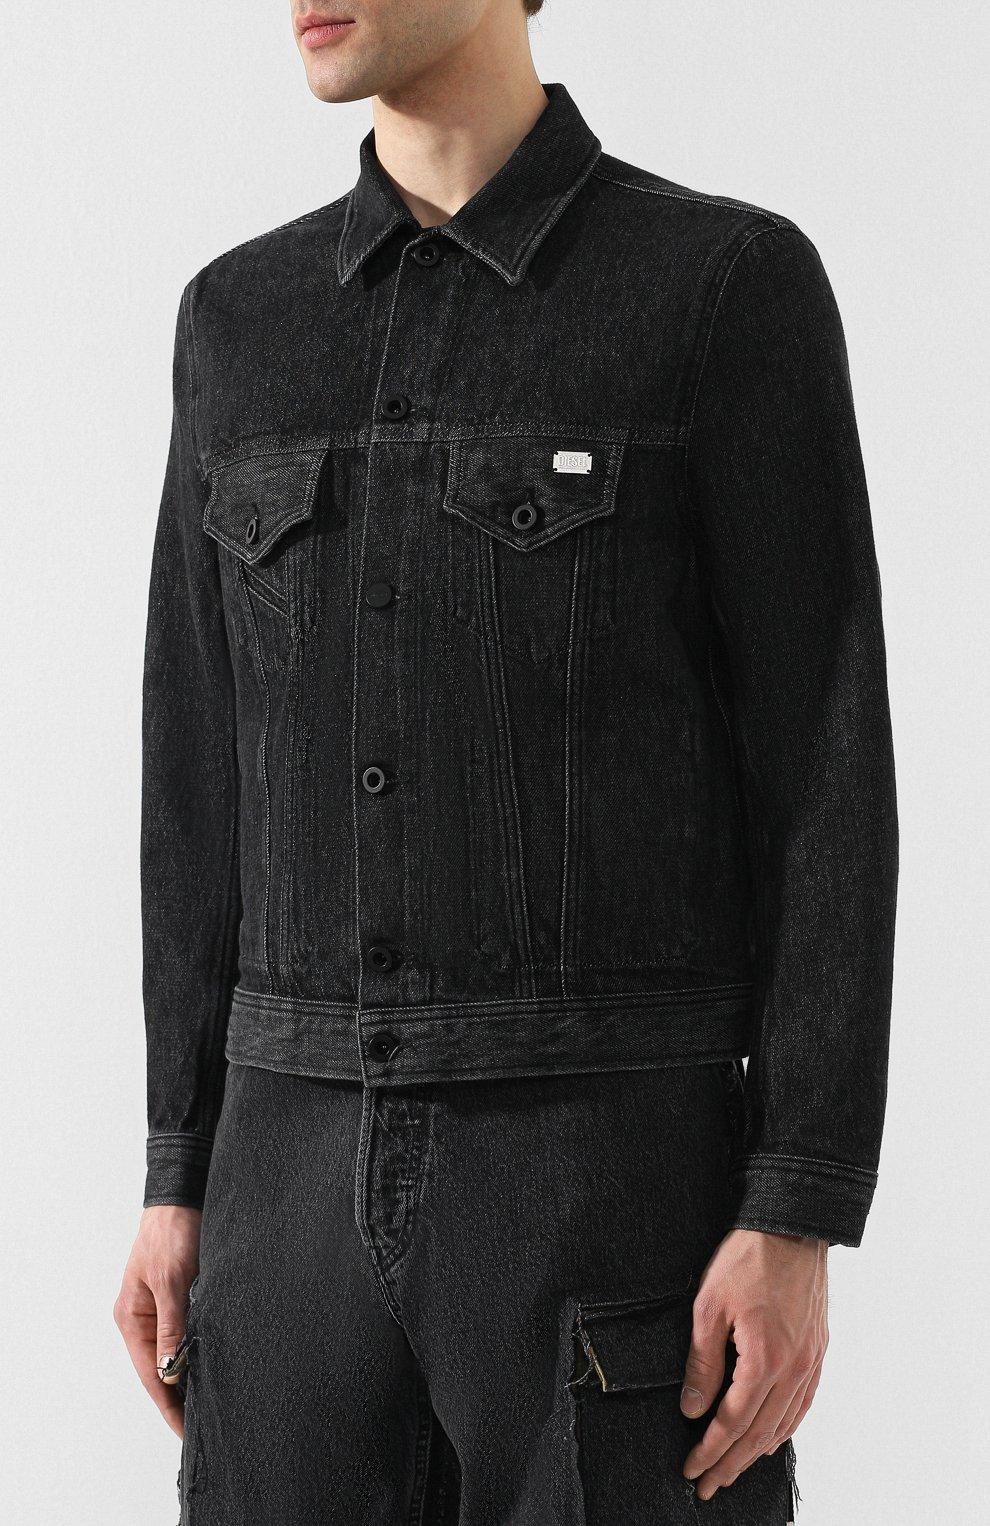 Джинсовая куртка Diesel черная   Фото №3